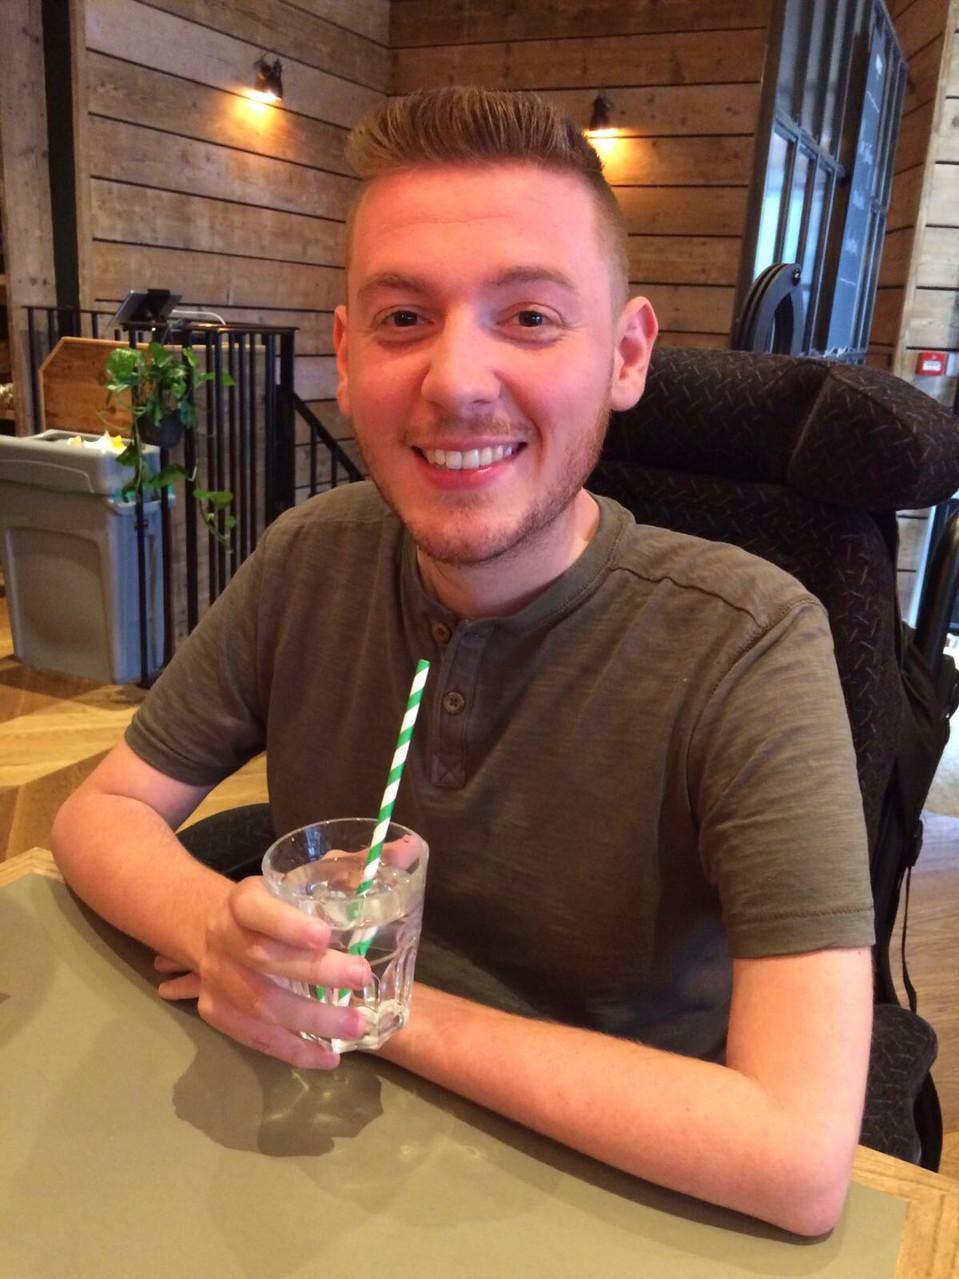 Ross in London